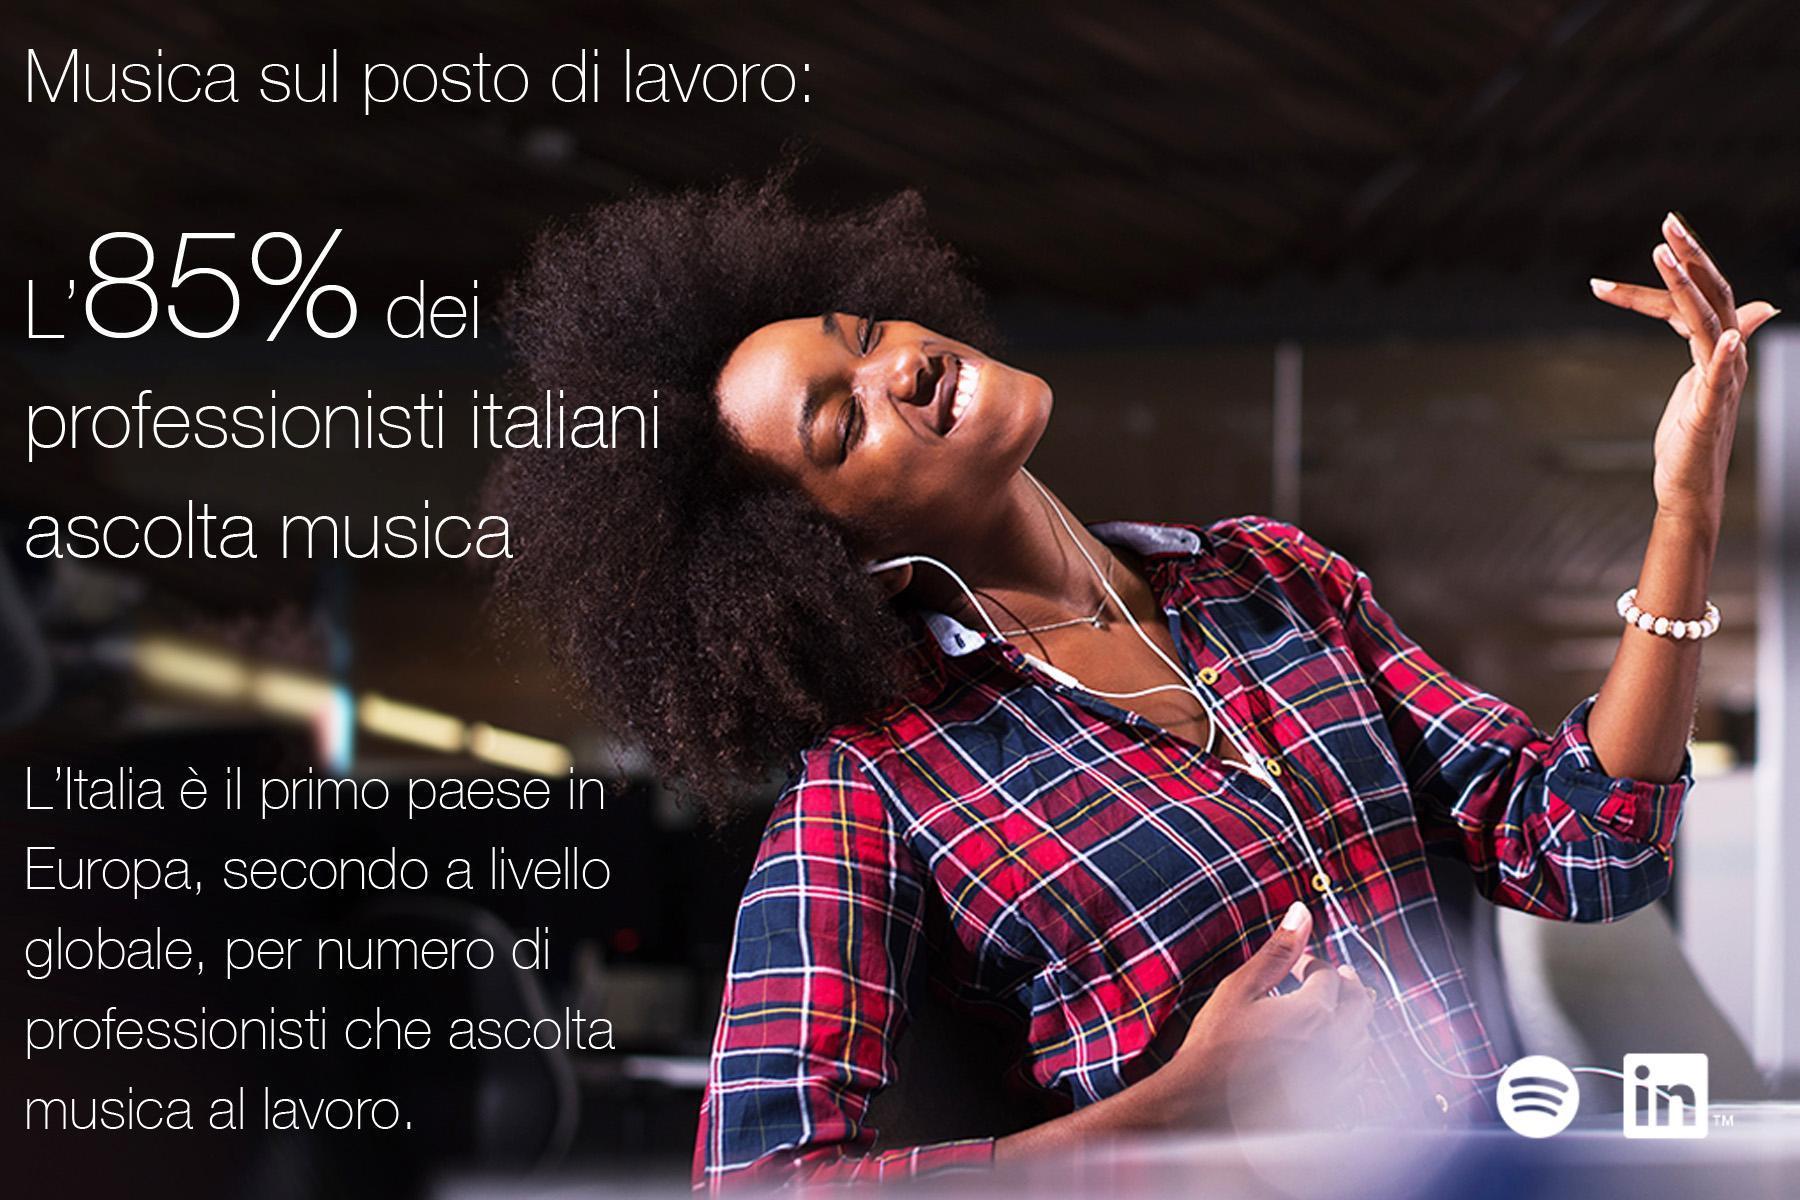 Italia si ascolta musica in ufficio